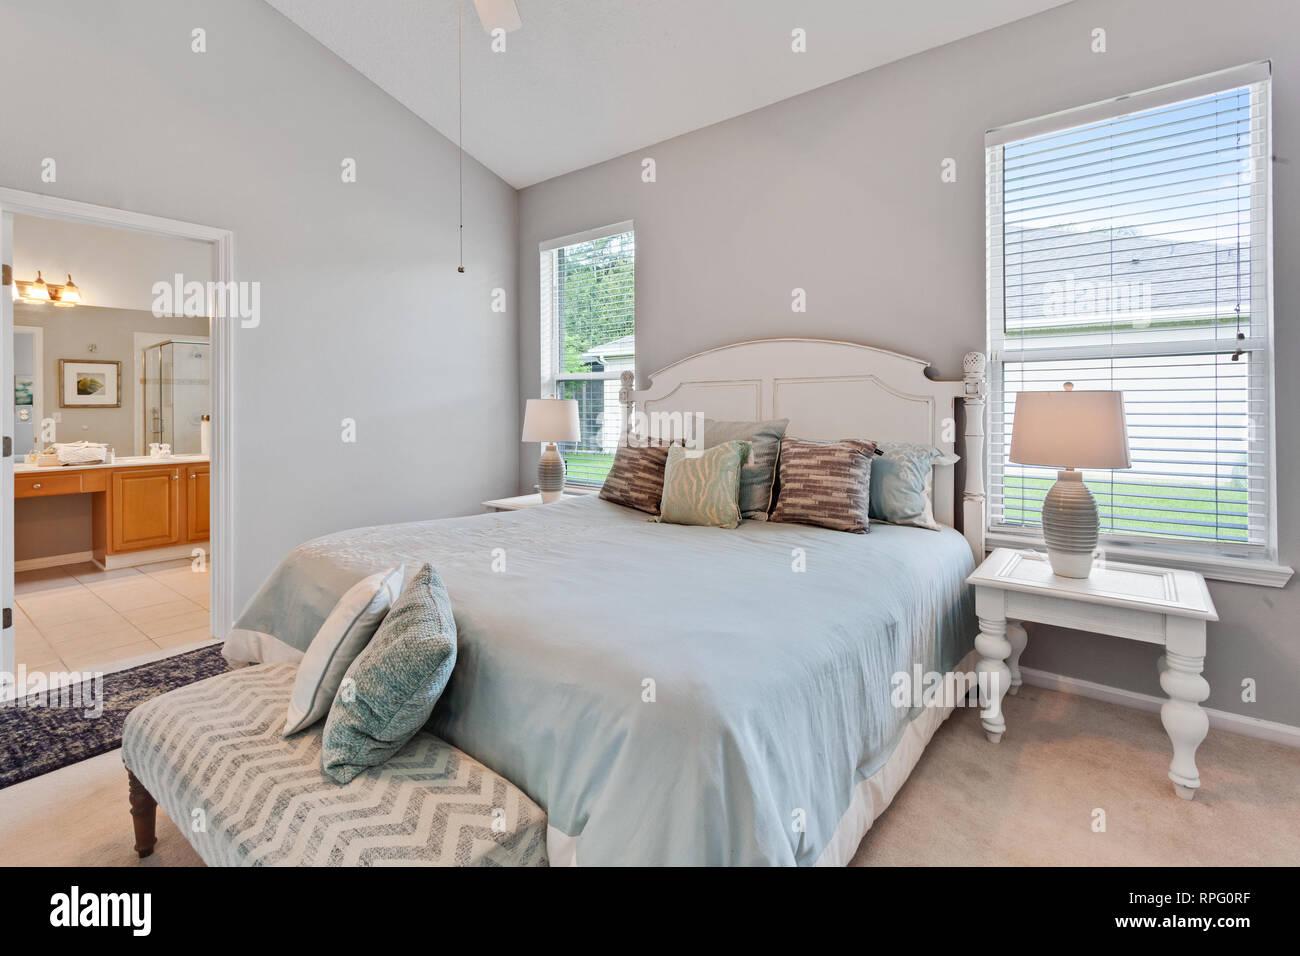 Helle Moderne Modernes Schlafzimmer Amerikanische Haus Dekoration Inspiration Mobel Stockfotografie Alamy